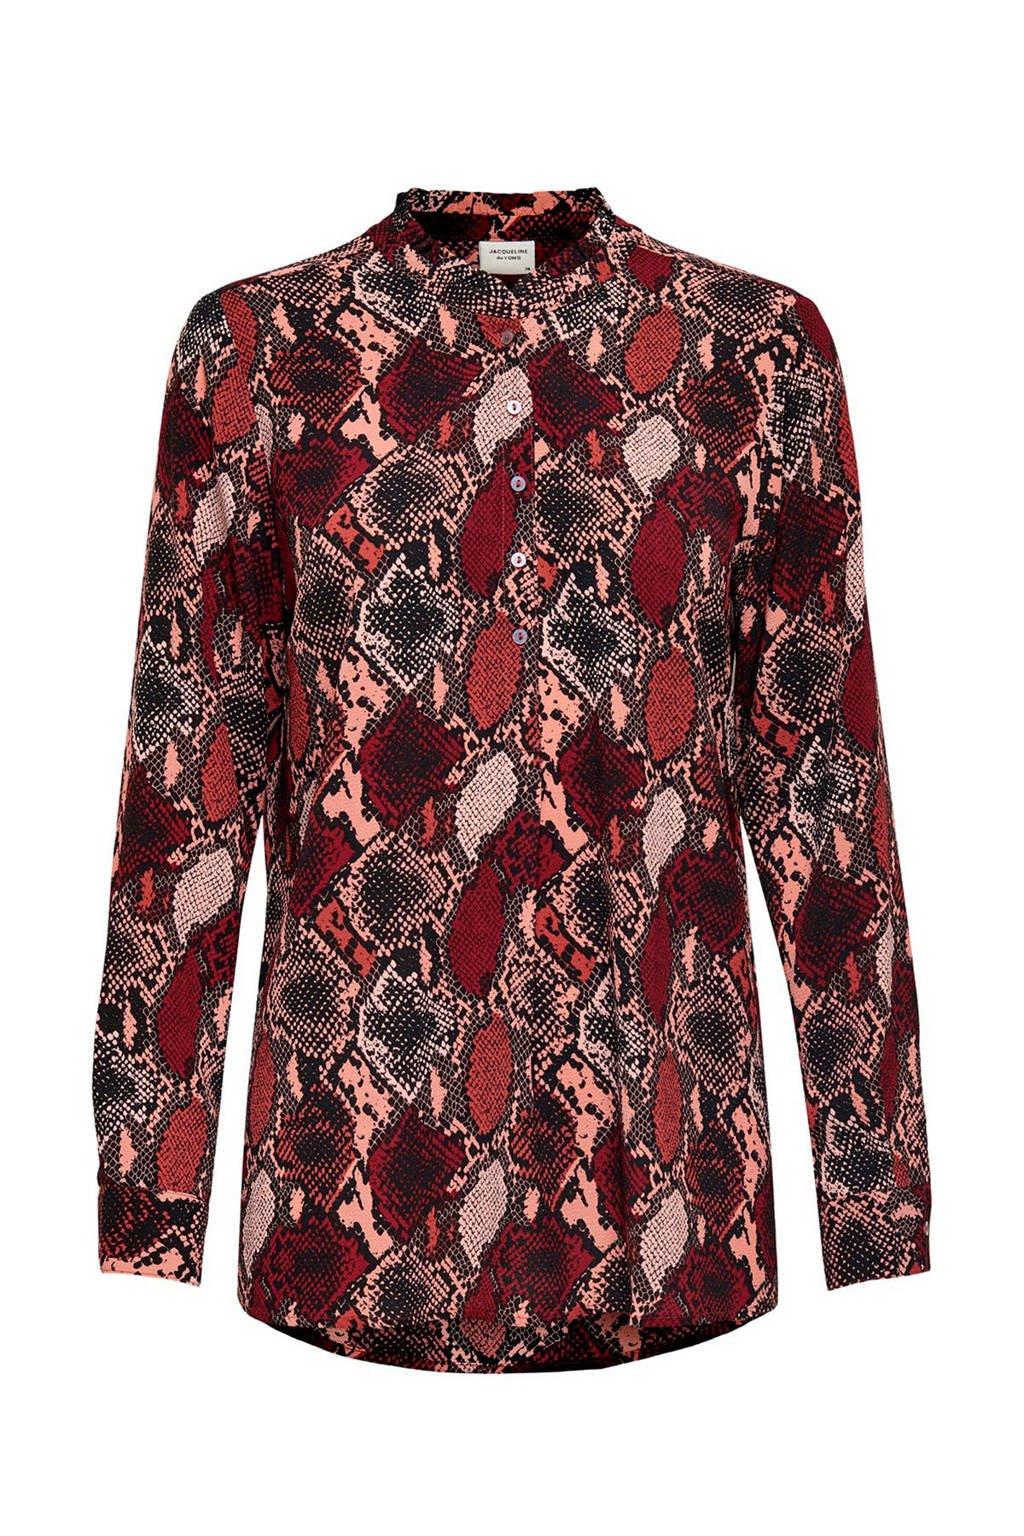 JACQUELINE DE YONG top met slangenprint en plooien rood/roze/zwart, Rood/roze/zwart